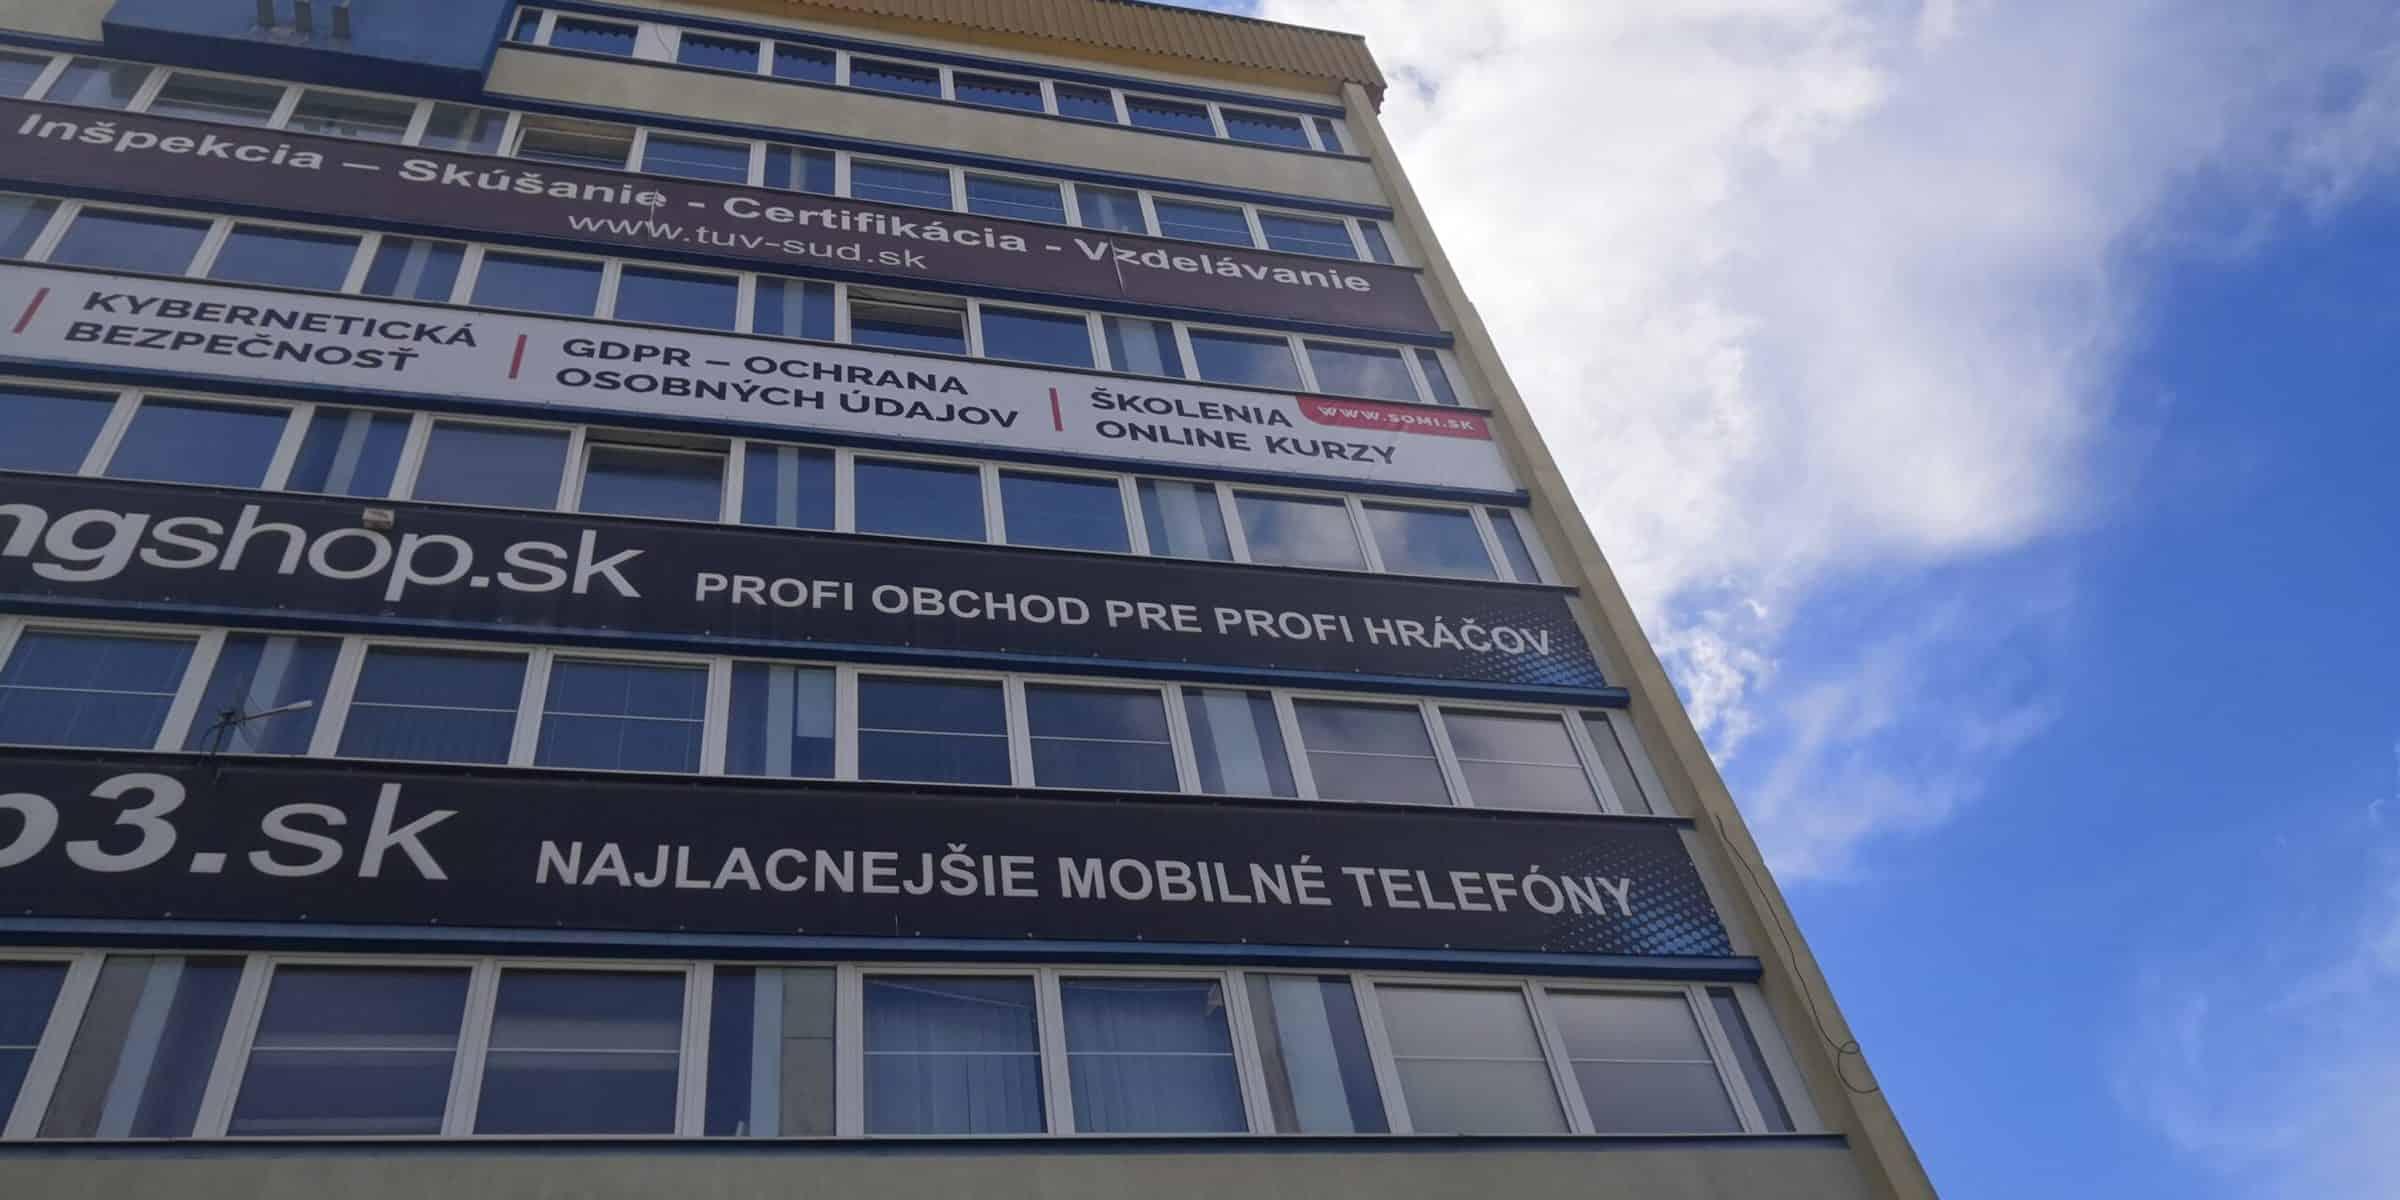 Ukotvenie bannera na fasáde výškovej budovy